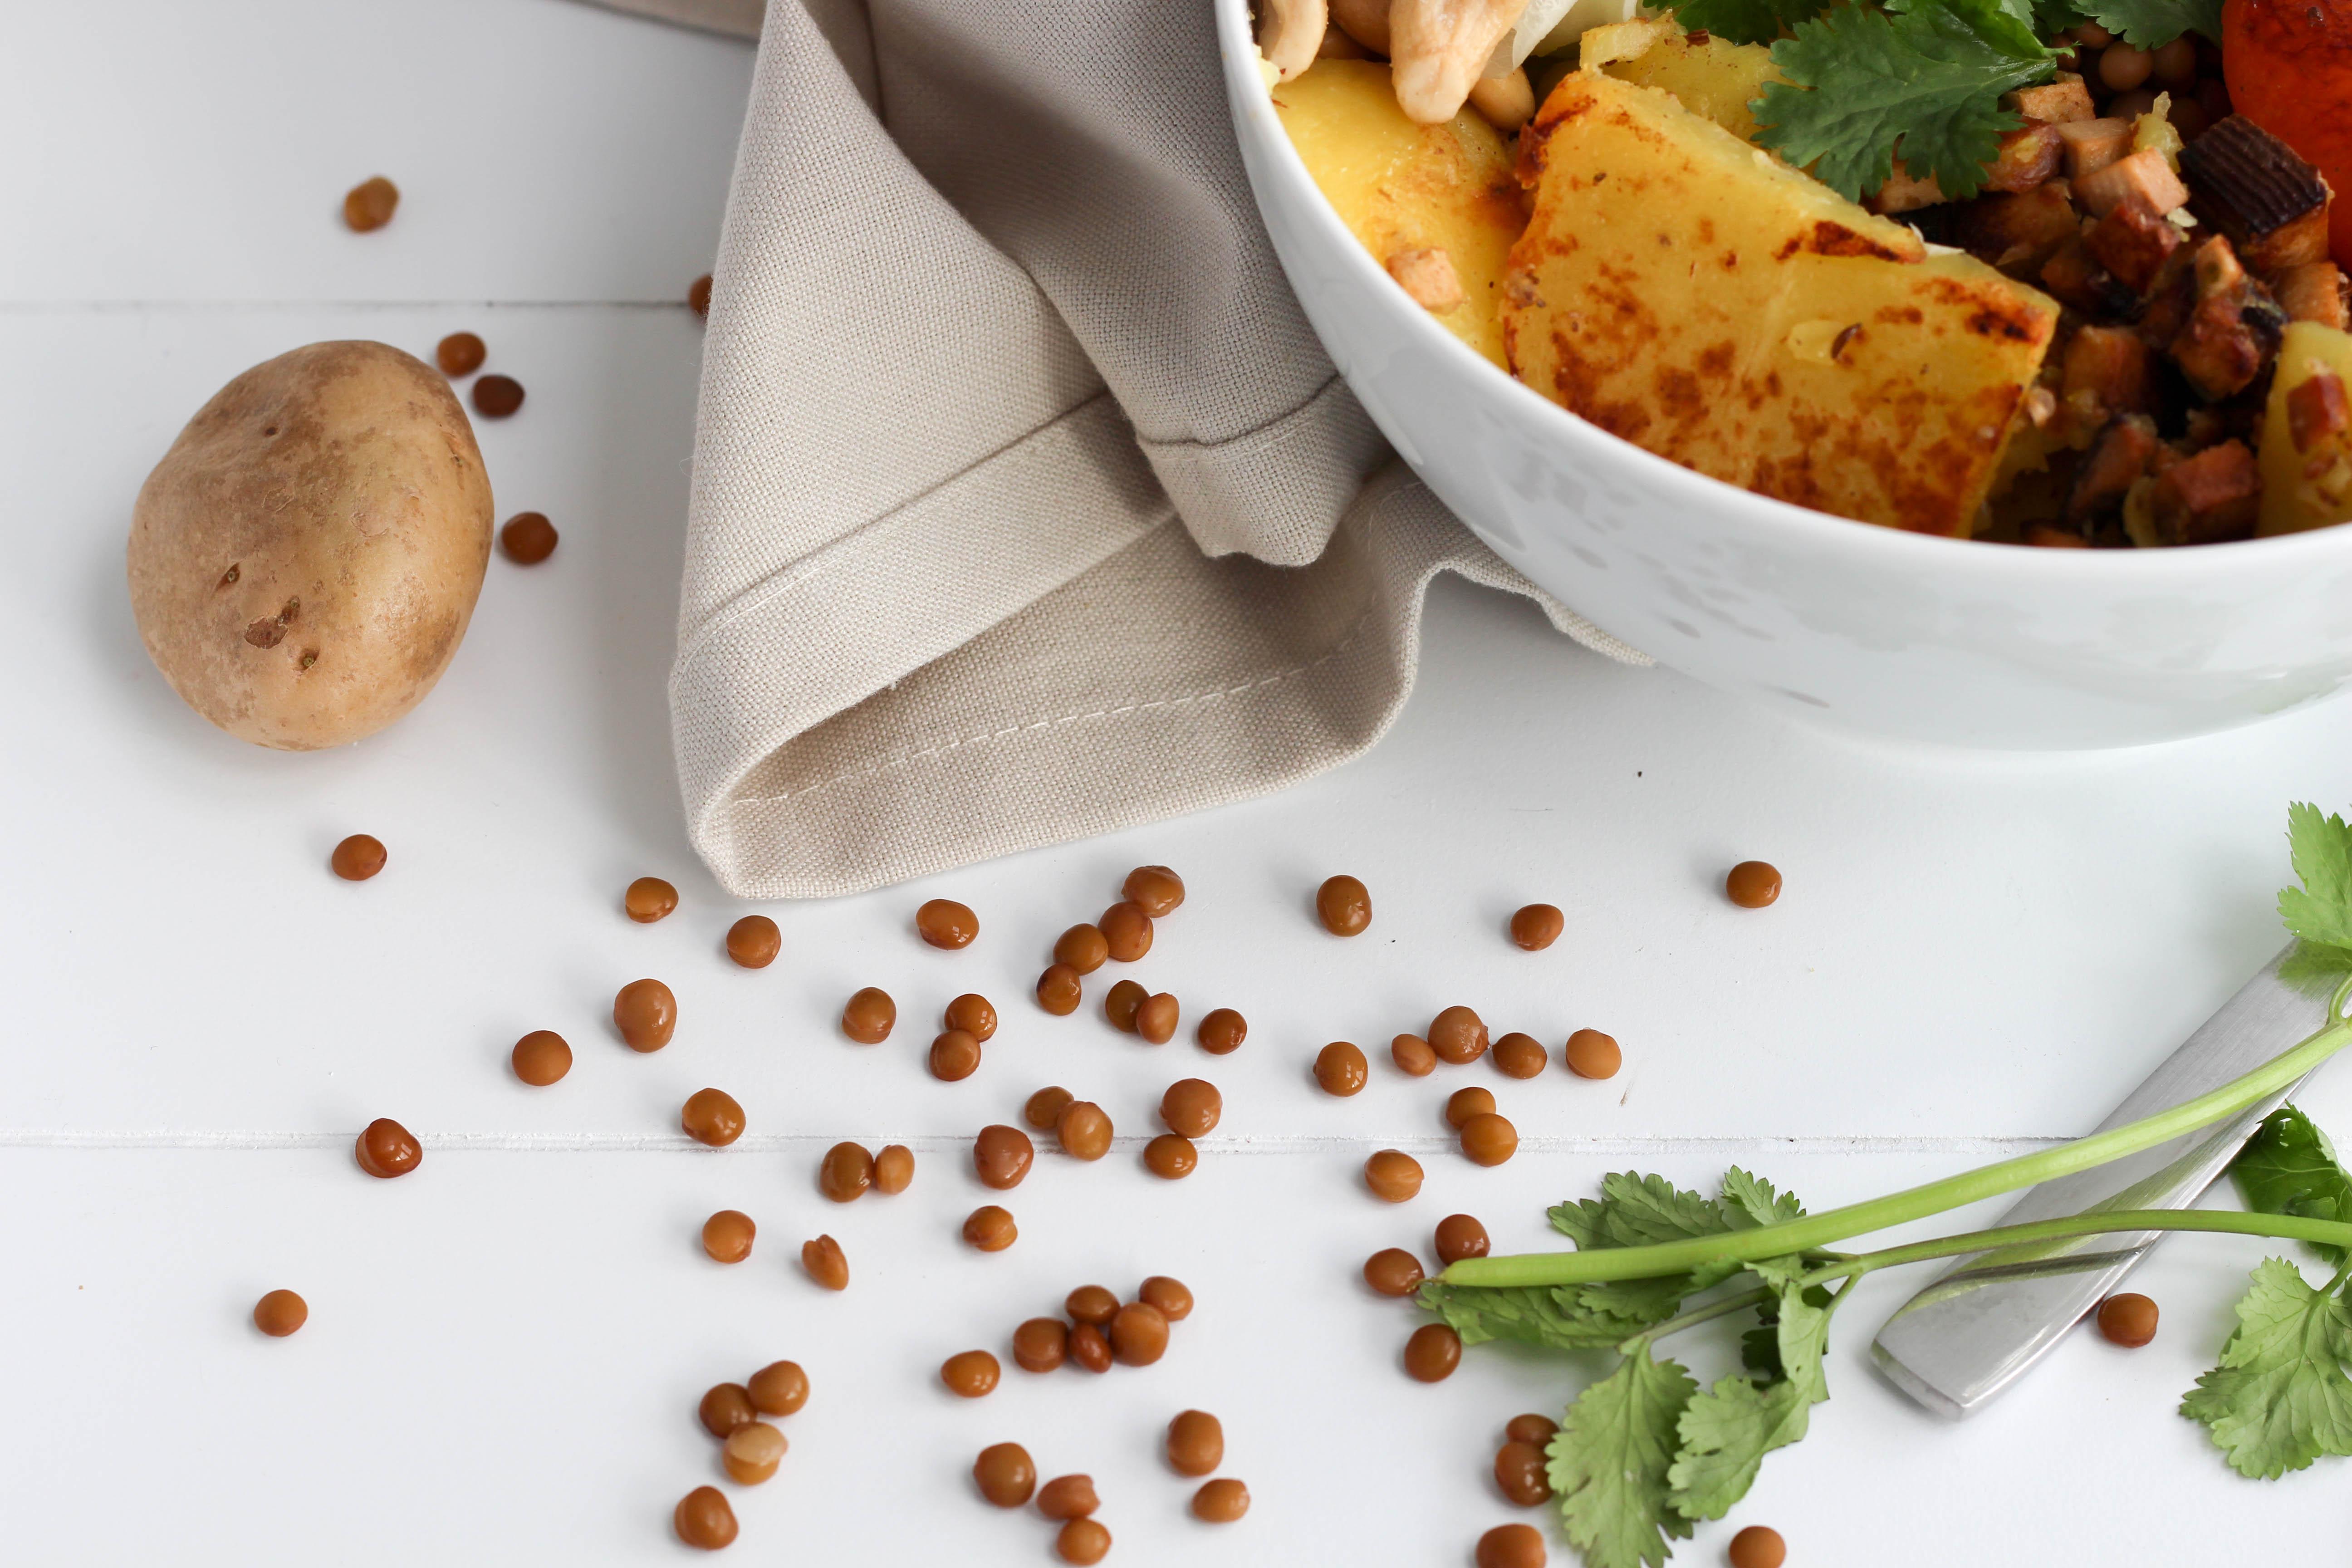 Bowl - Vegan - Kraut - Koriander - Pfirsich - Healthy - Plantbased -Homespa - Krautschüsserl